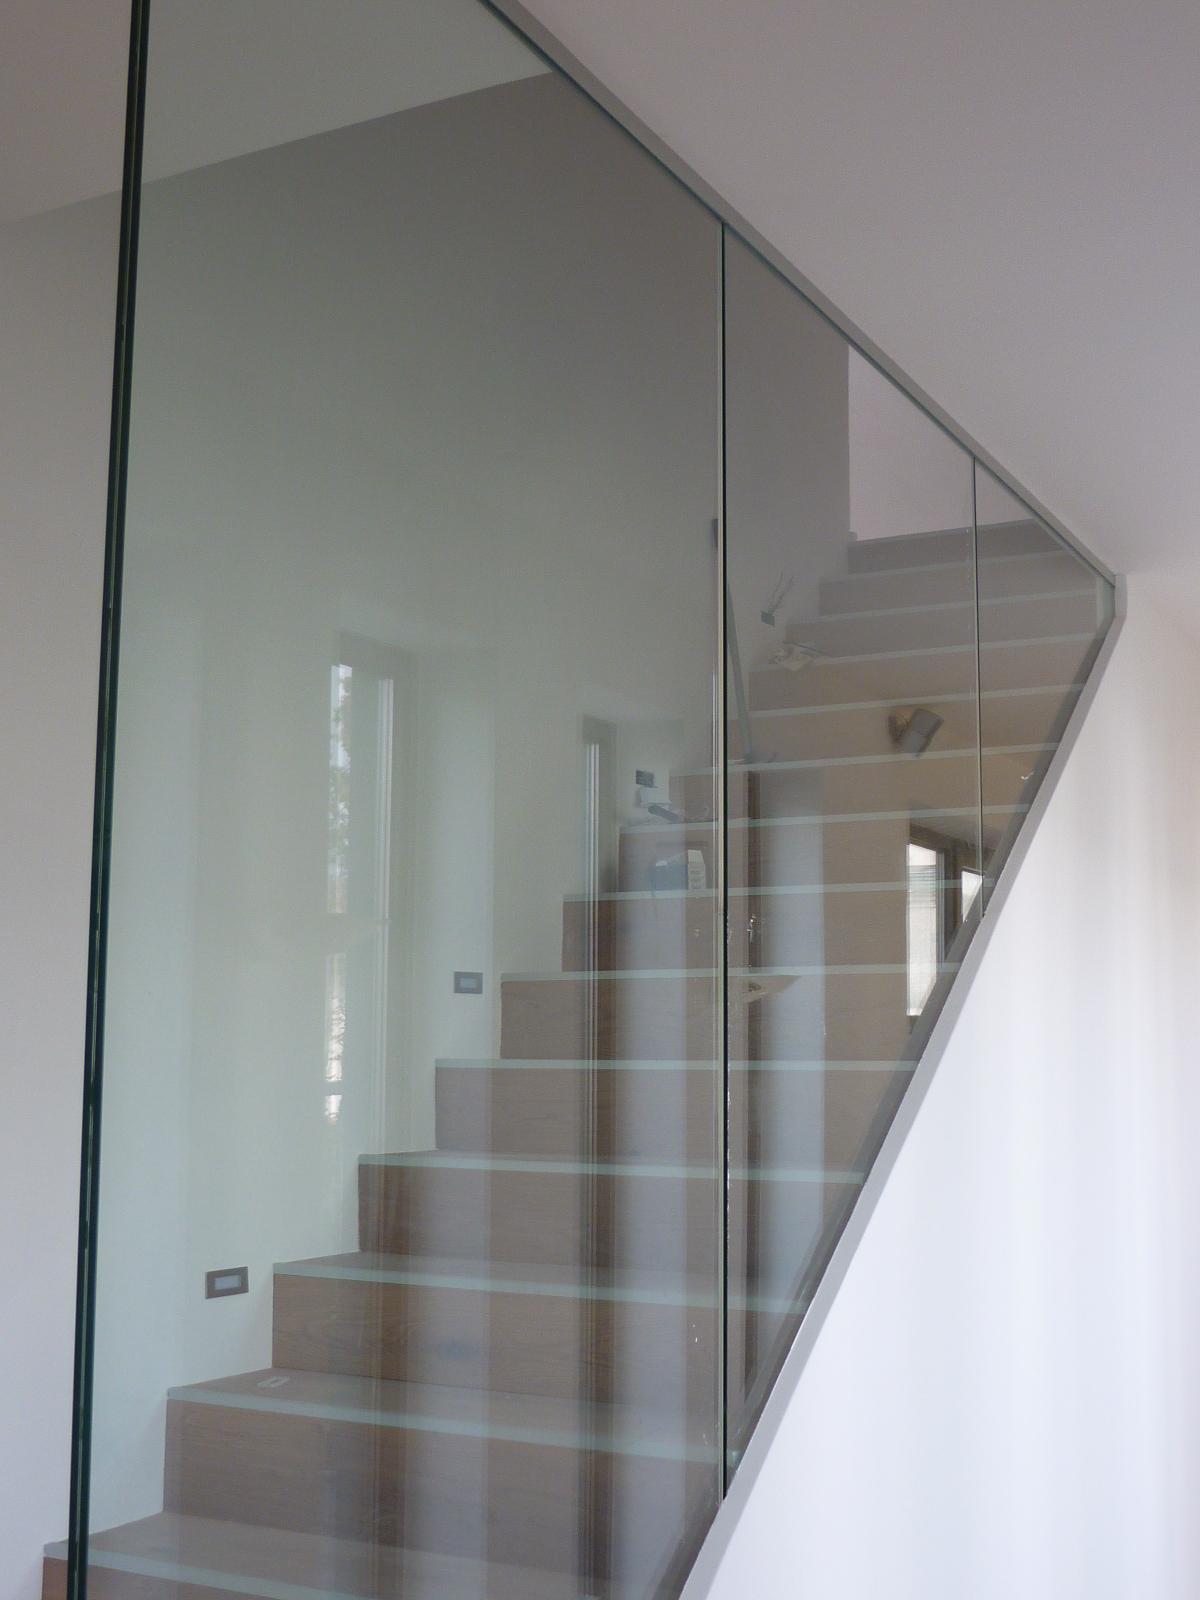 Berühmt Raumhohe Verglasung im Treppenhaus als Glasgeländer - Glas ZL08